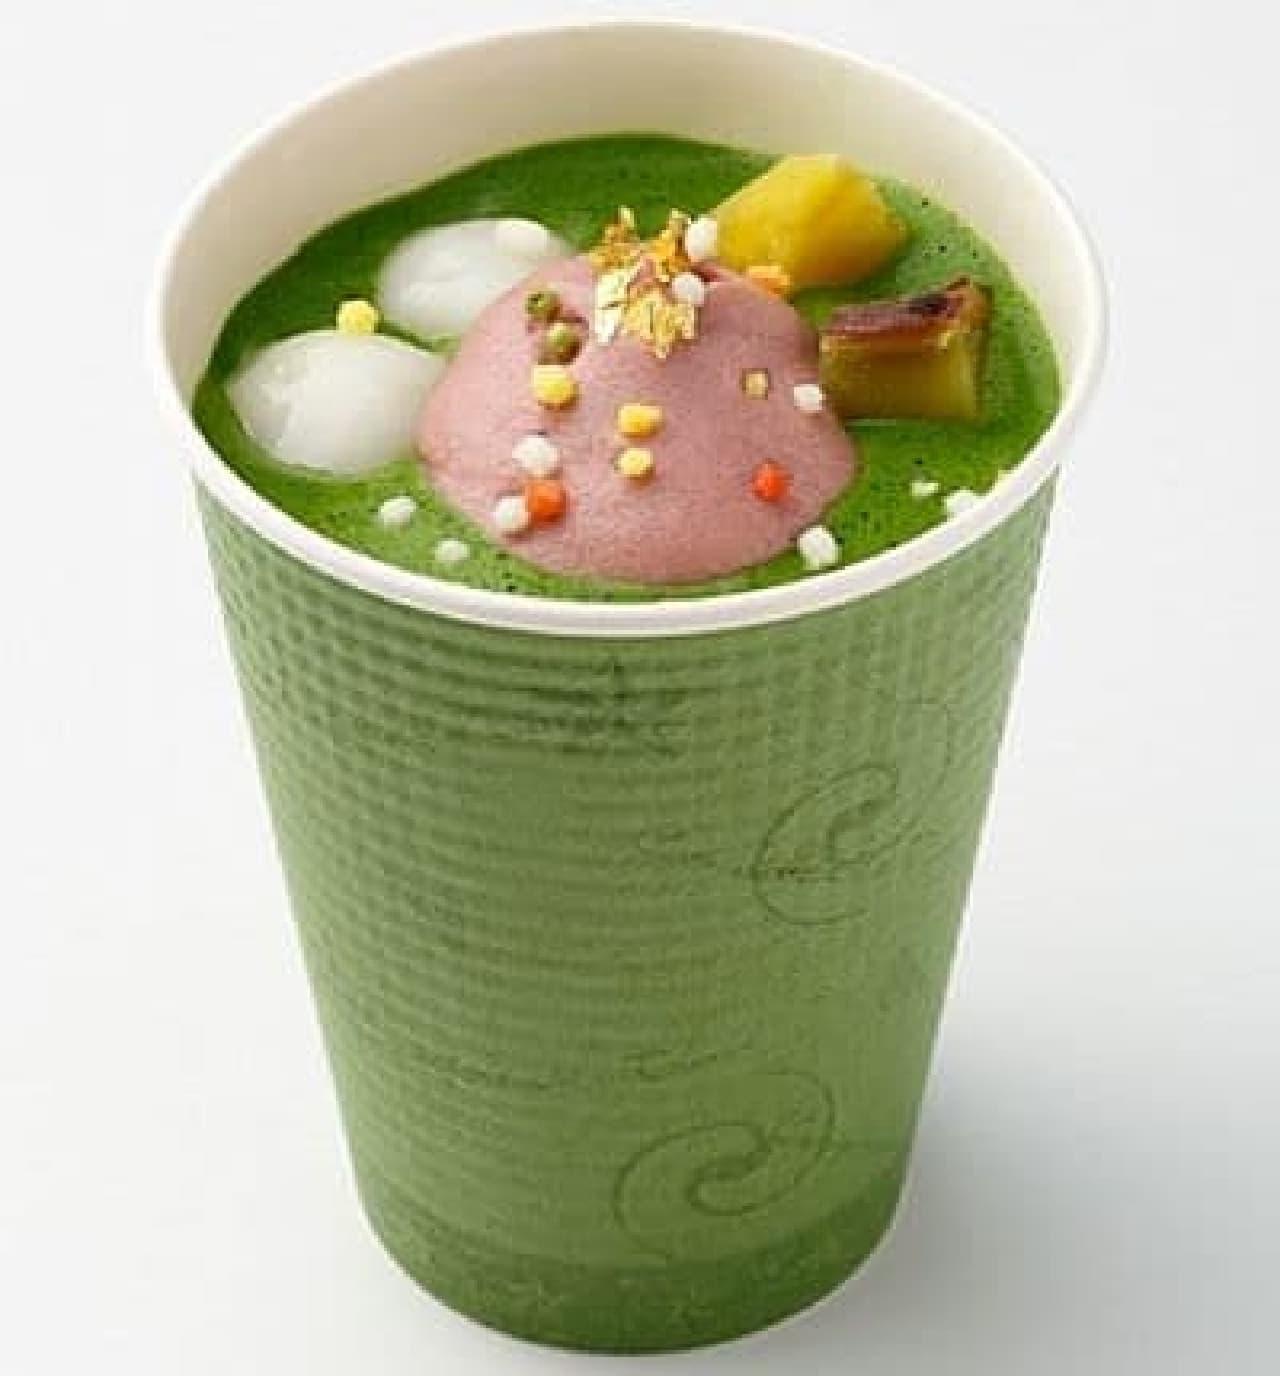 祇園辻利ソラマチ店「抹茶ぜんざい」